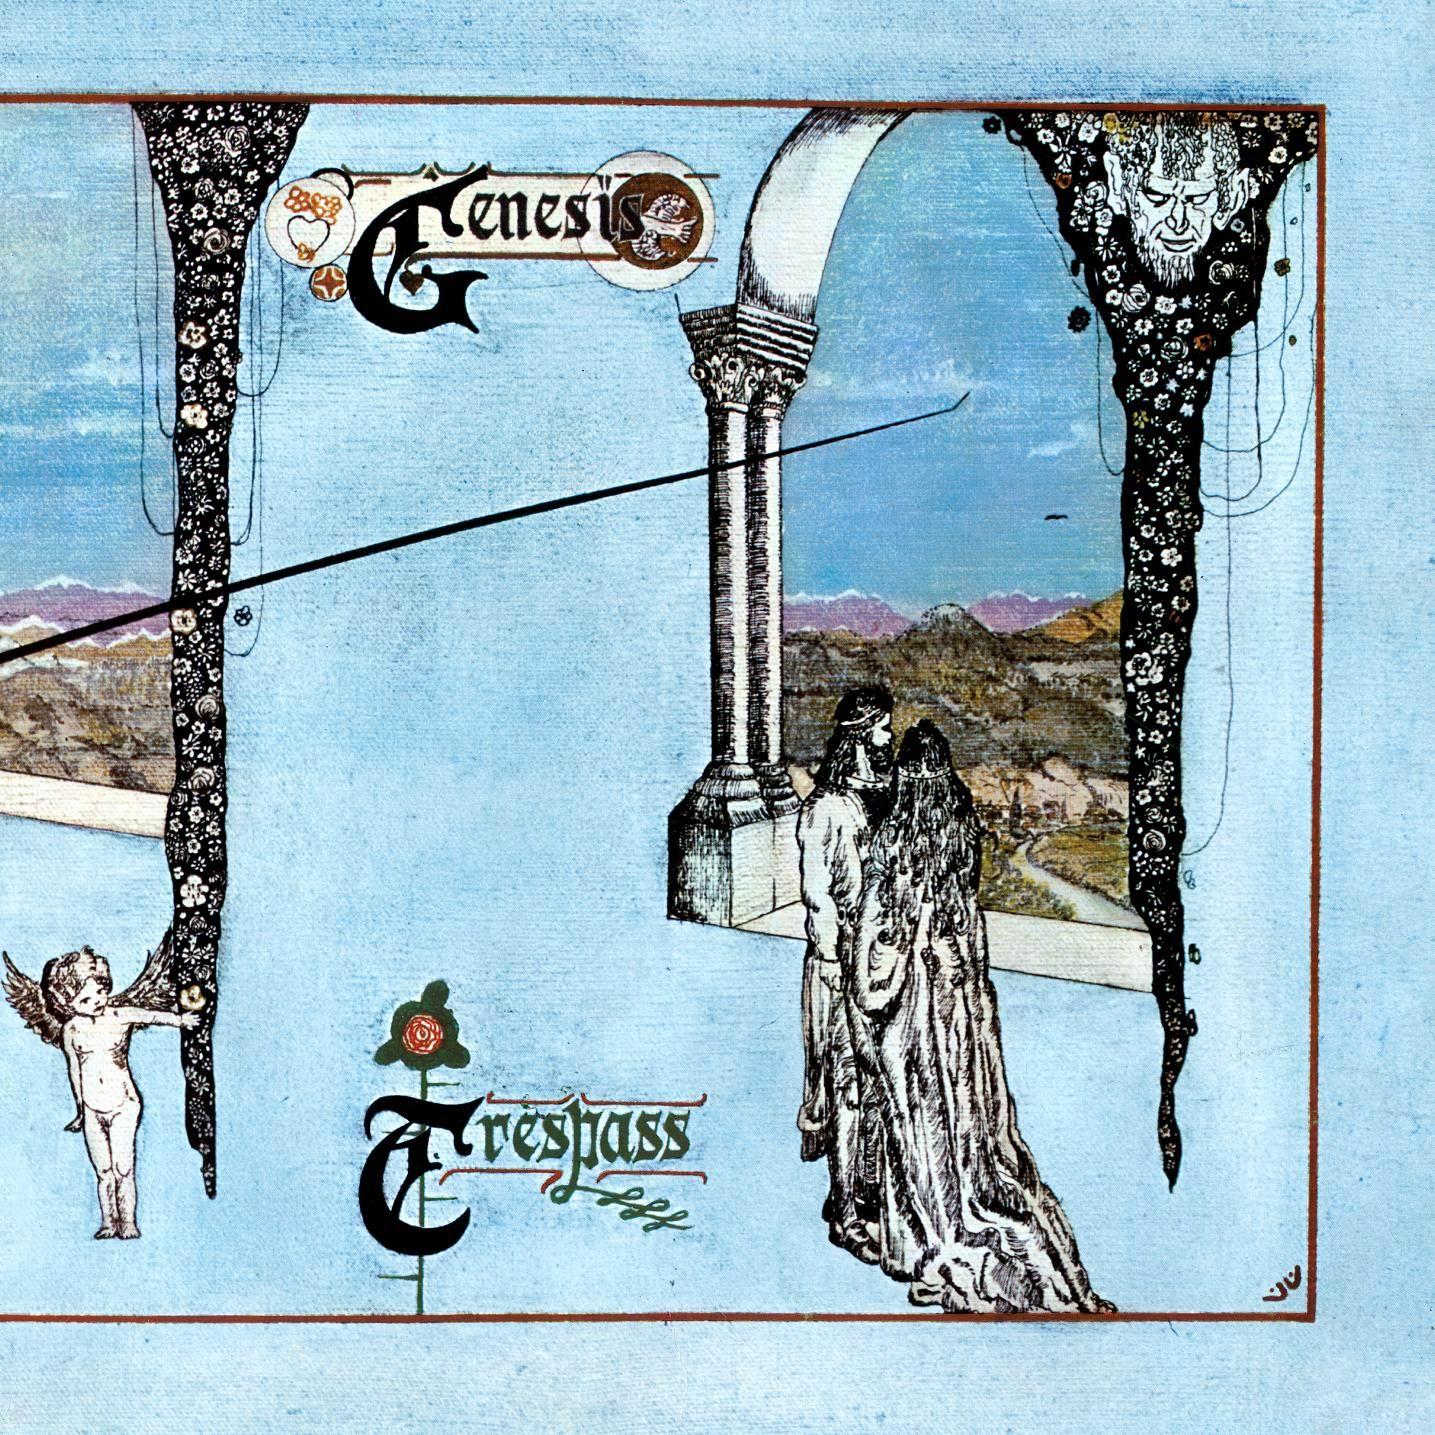 http://1.bp.blogspot.com/--lAbnssa3jQ/TbYKNvZ6jpI/AAAAAAAAAEw/vpedZHe2Csc/s1600/genesis-1-trespass.jpg